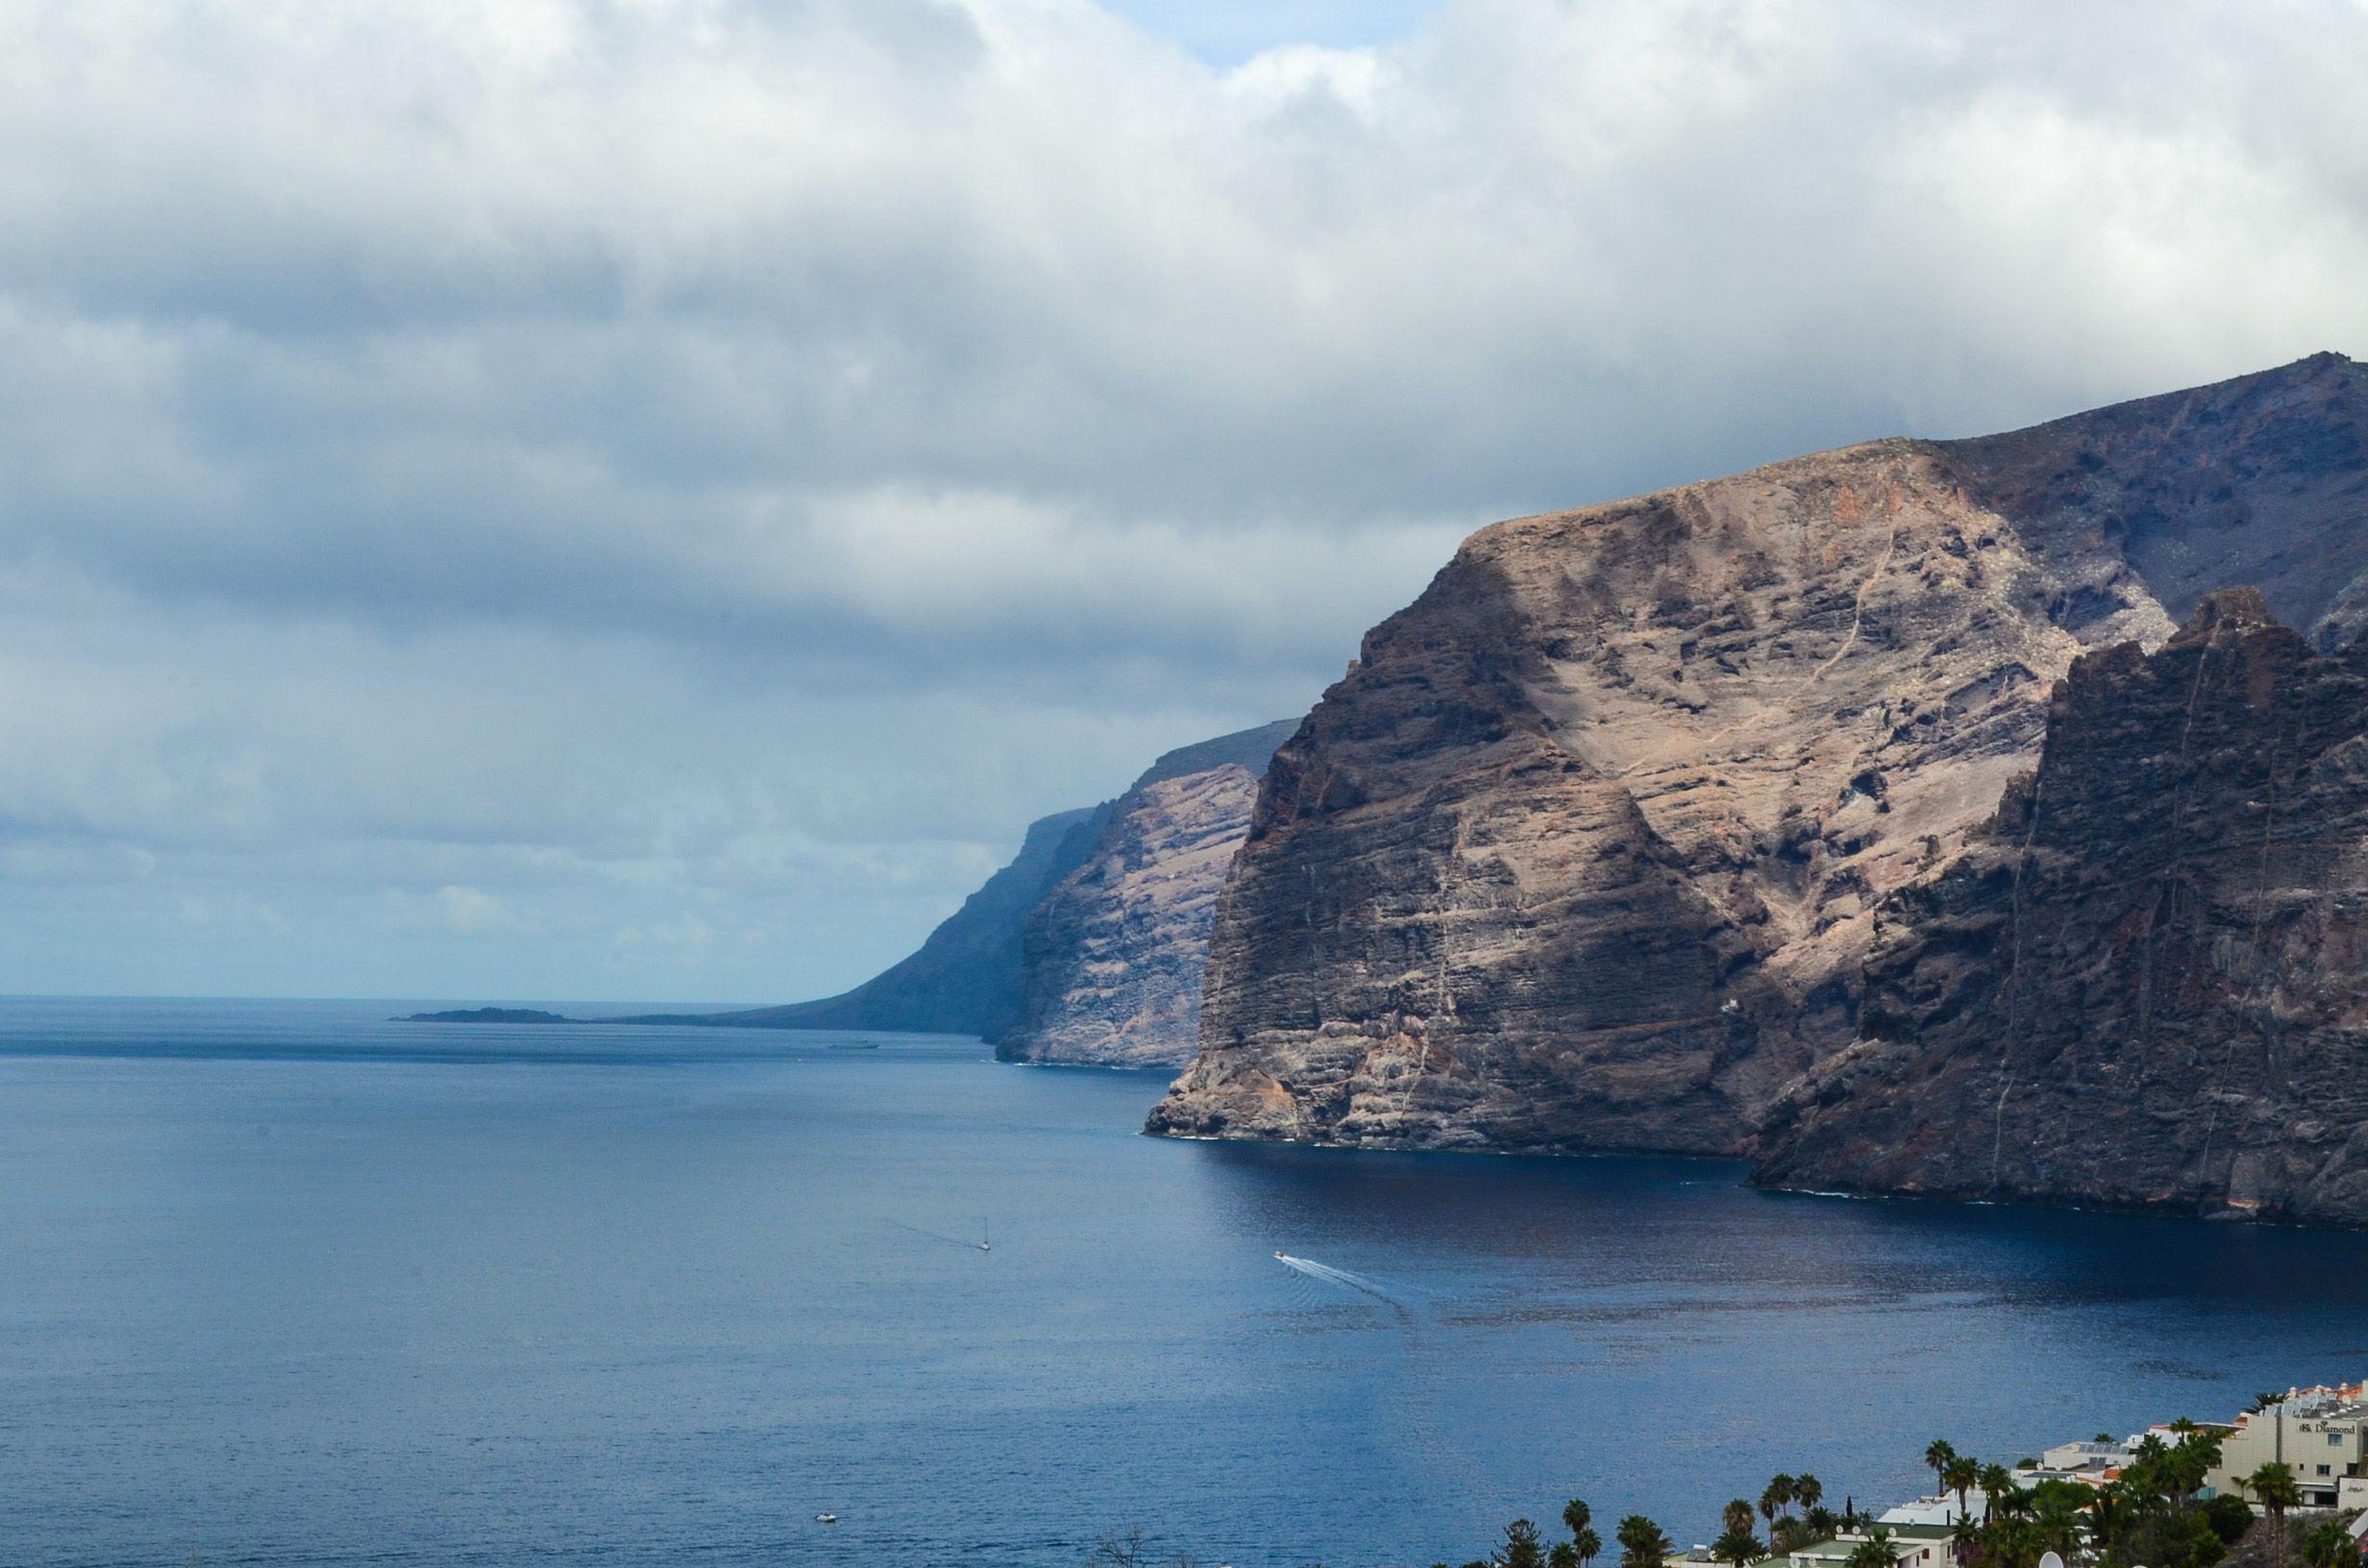 Acantilados de los Gigantes, Tenerife